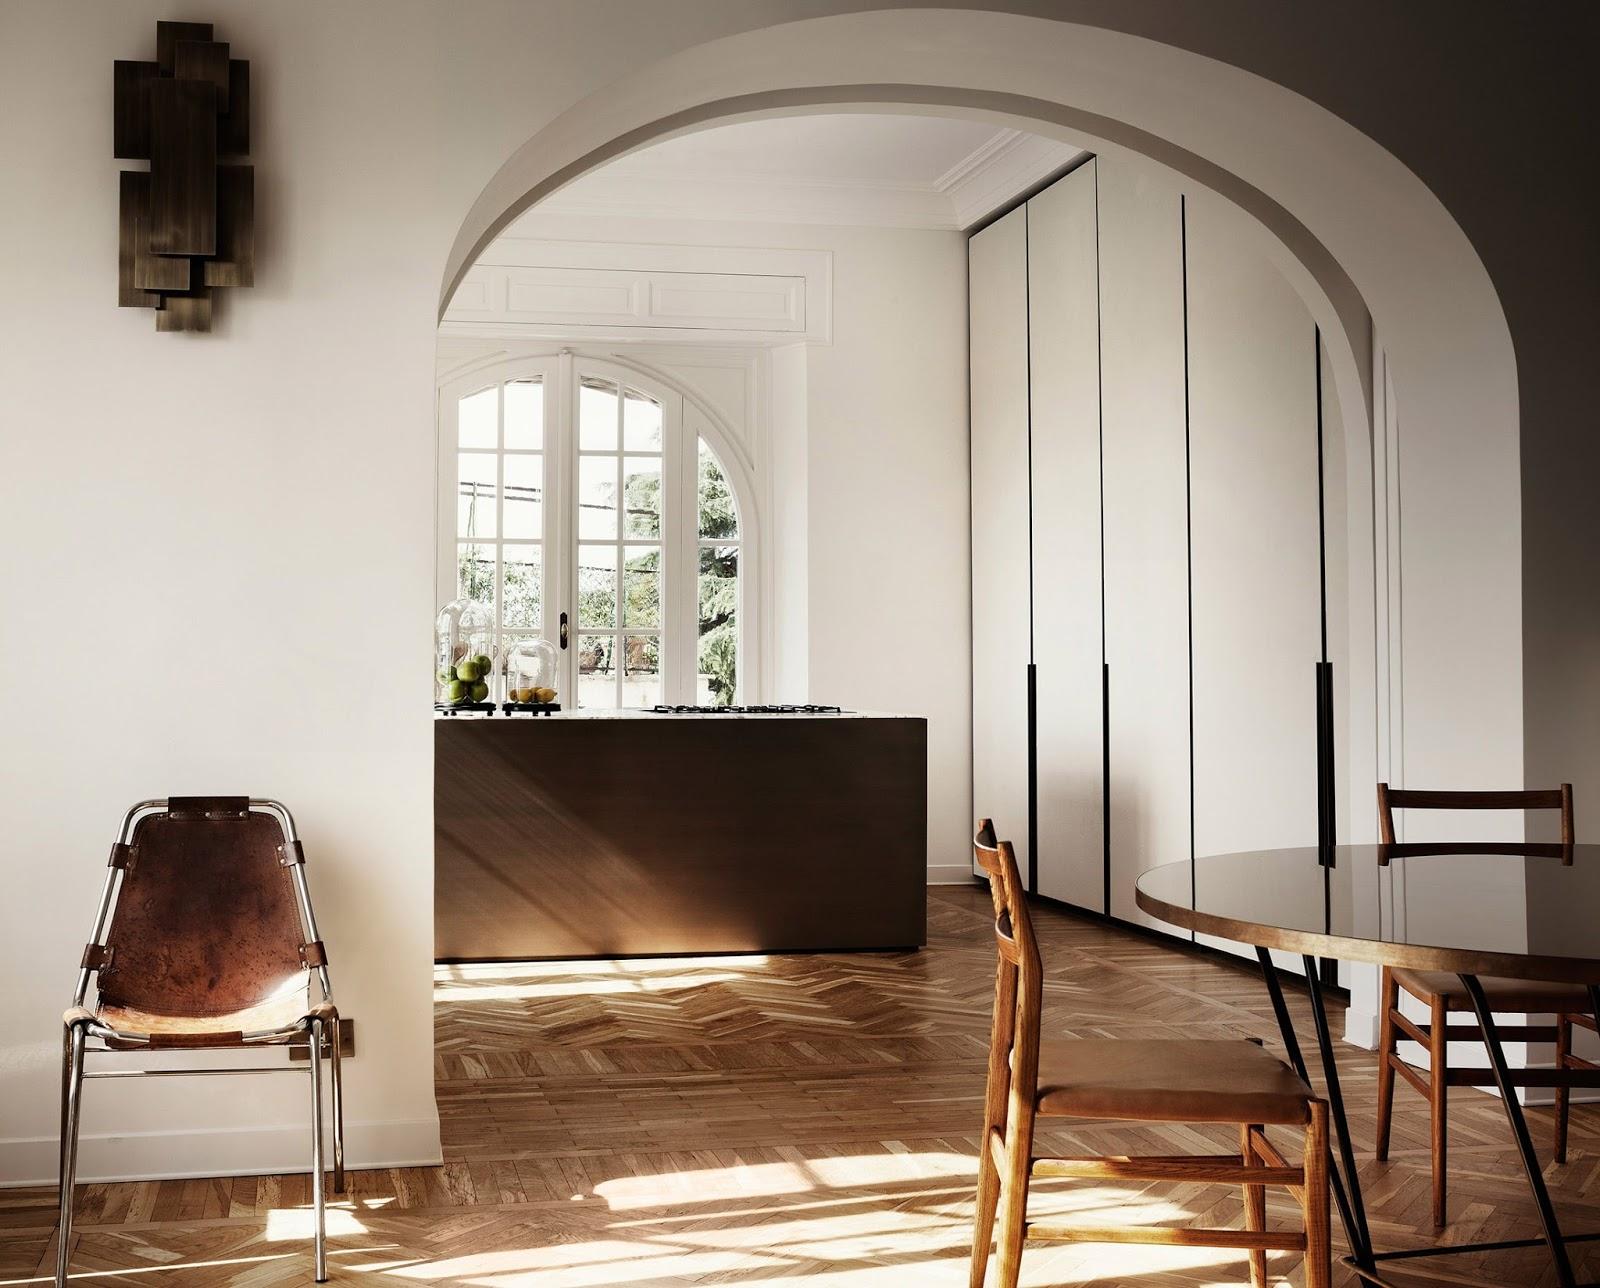 Ufficio Classico Moderno : Appartamento con vista mozzafiato su roma by quincoces dragò arc